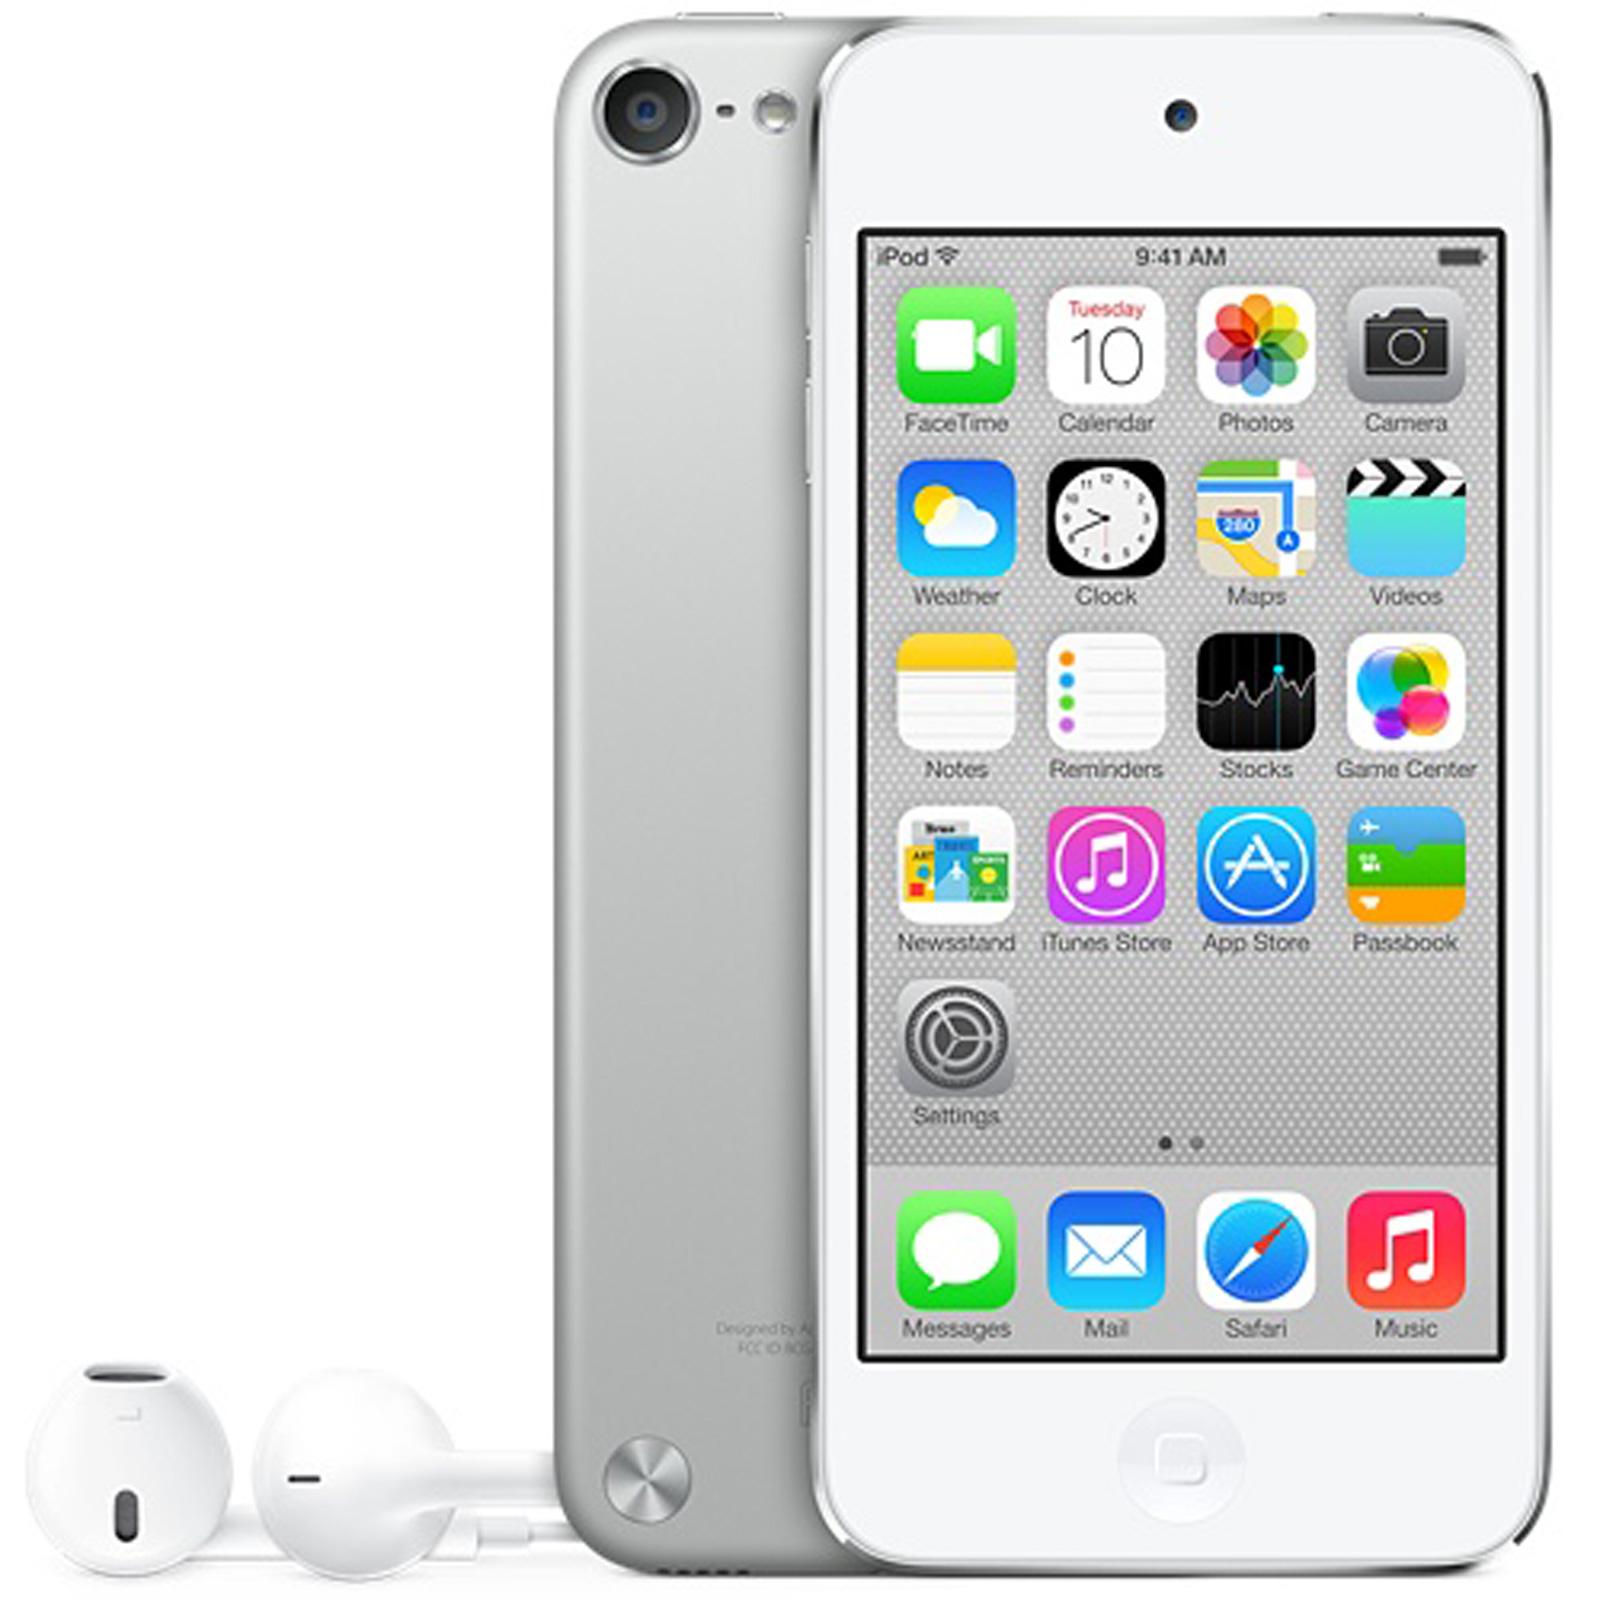 Lecteur MP3 & iPod Apple iPod touch 64 Go Argent Apple iPod touch 64 Go Argent